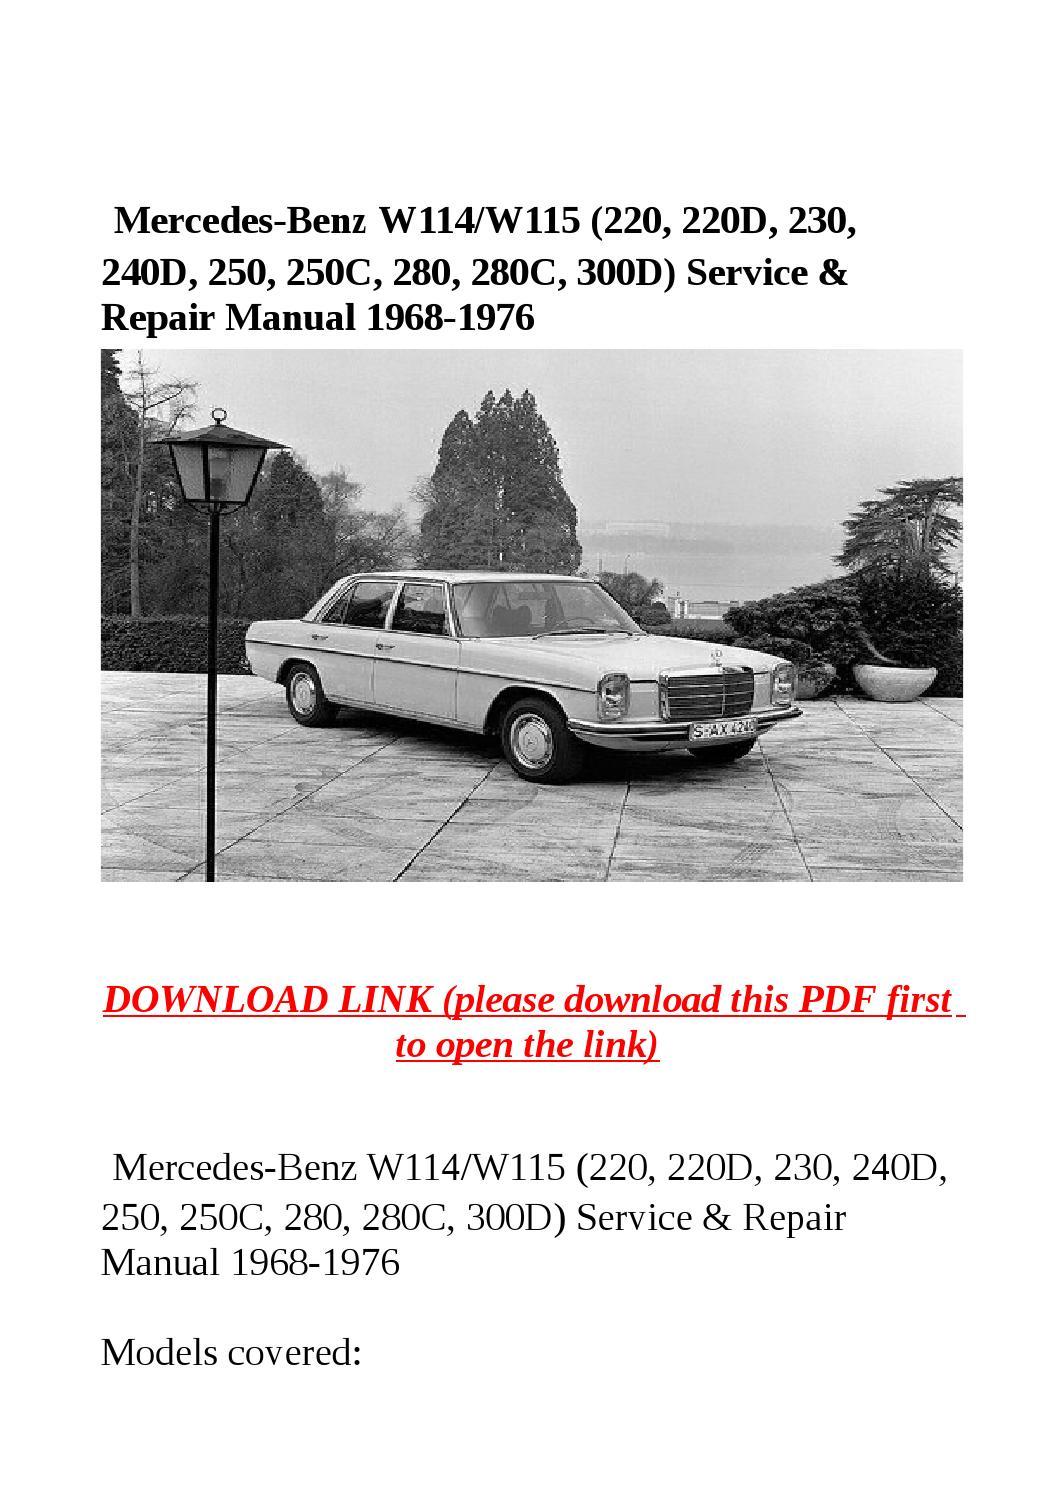 Mercedes benz w114 w115 (220, 220d, 230, 240d, 250, 250c, 280, 280c, 300d)  service & repair manual 1 by steve - issuu